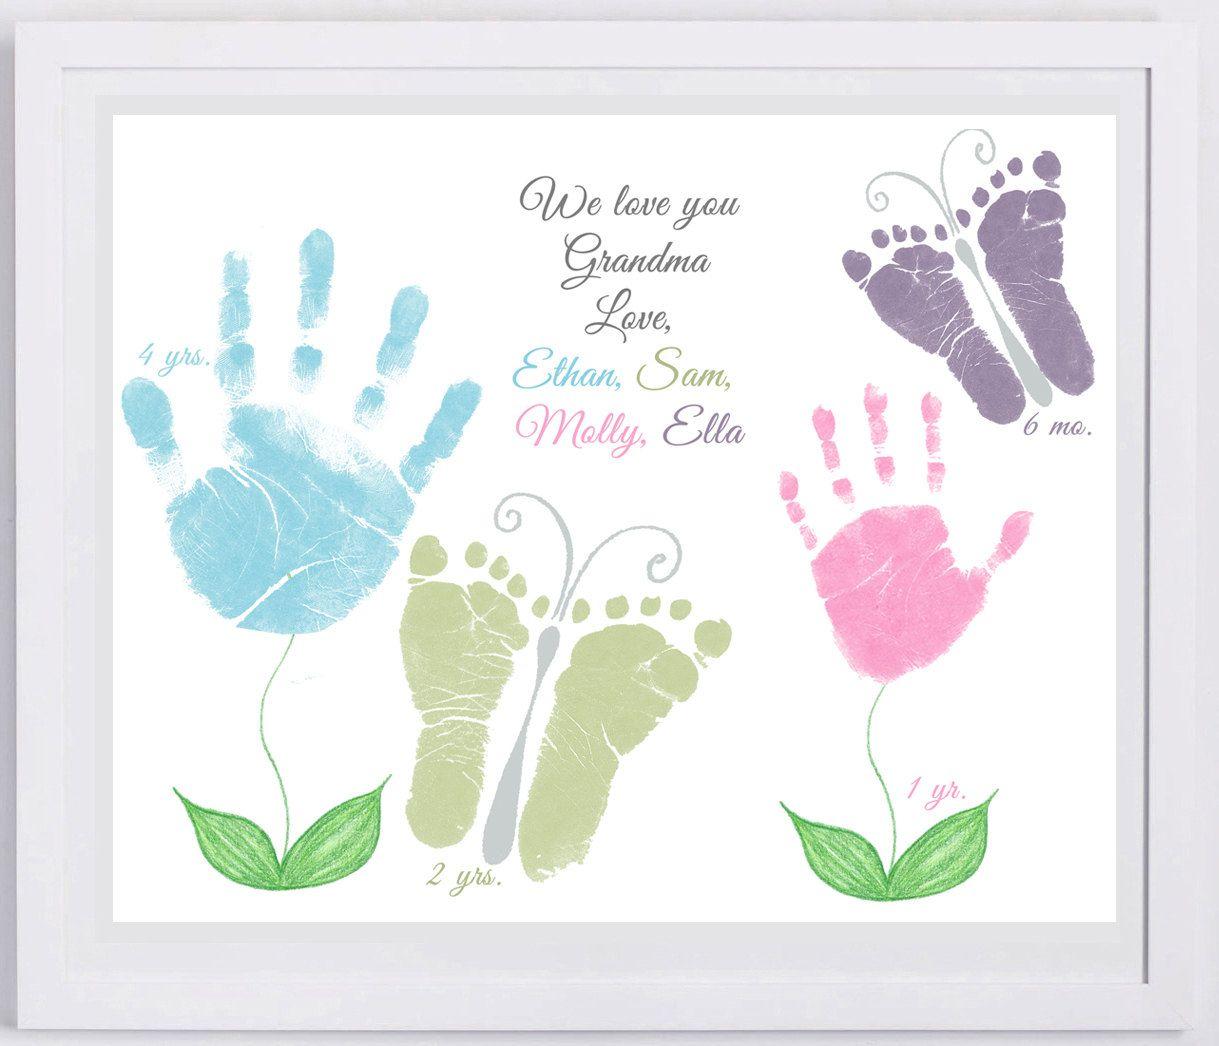 11x14 Flower And Butterflies Handprint Art By Forever